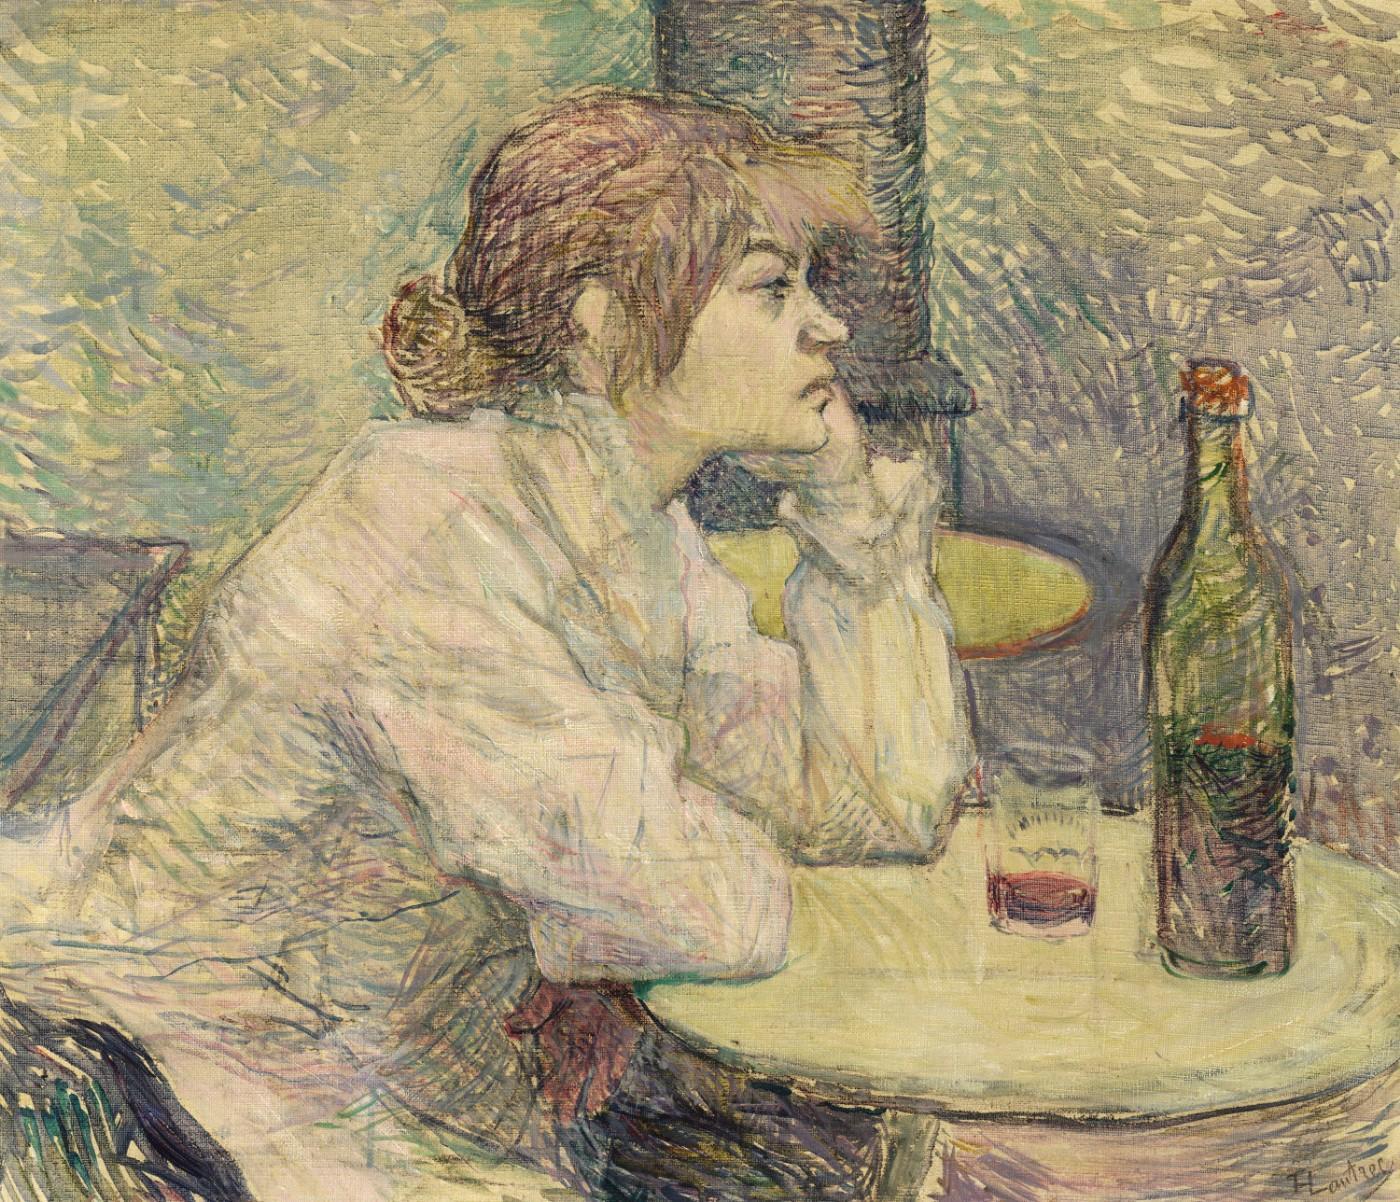 Анри Тулуз-Лотрека, картина — Похмелье, 1887 – 1889 года